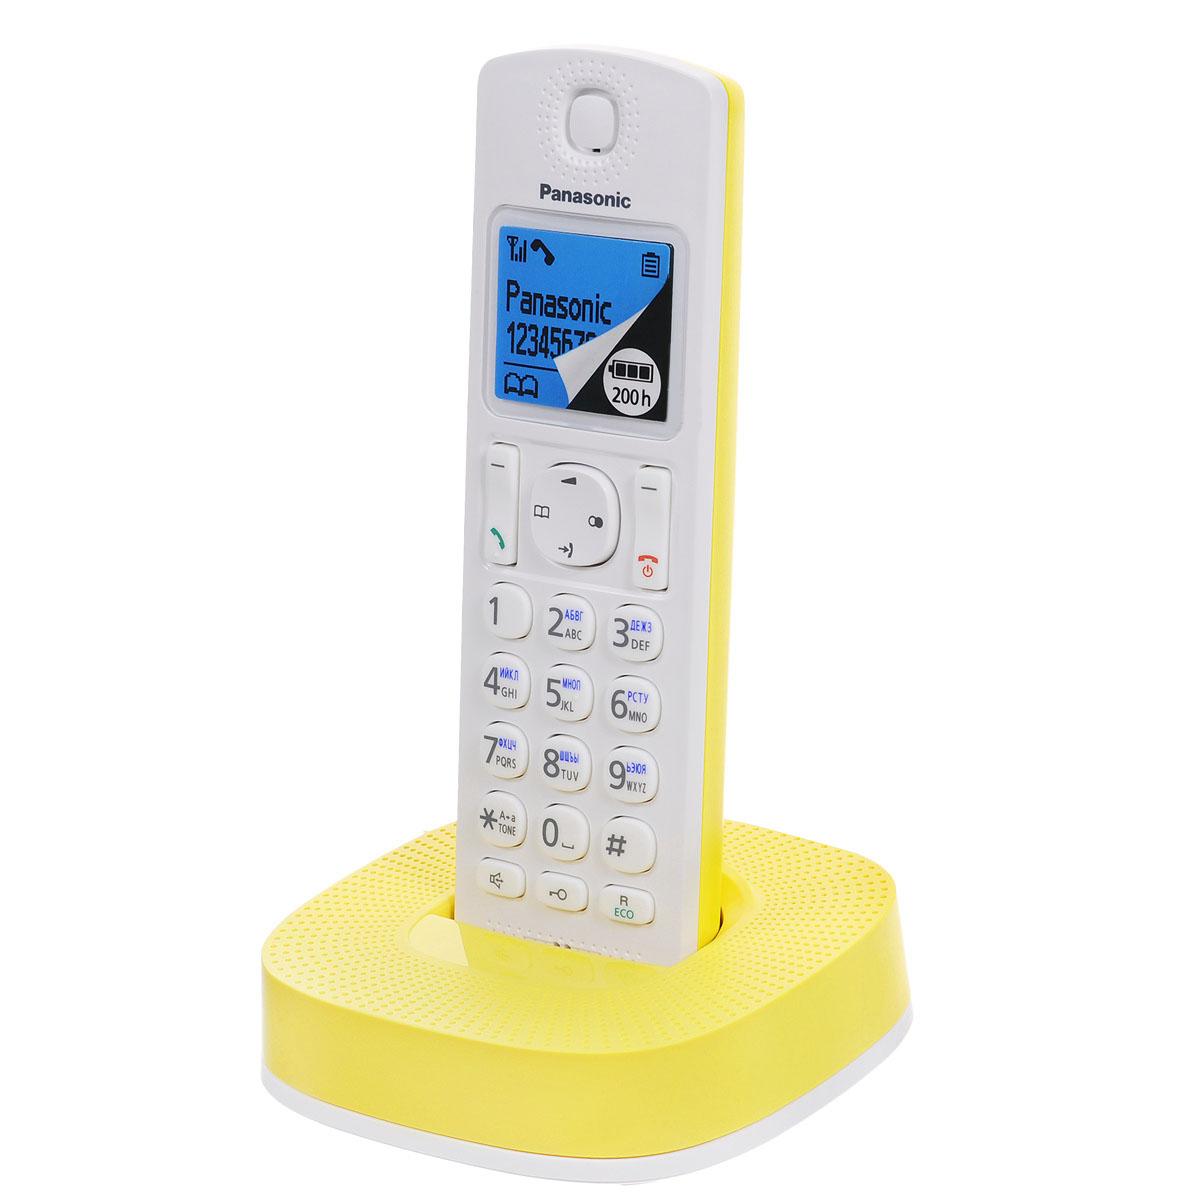 Panasonic KX-TGC310RUY, White Yellow DECT телефон ( KX-TGC310RUY )